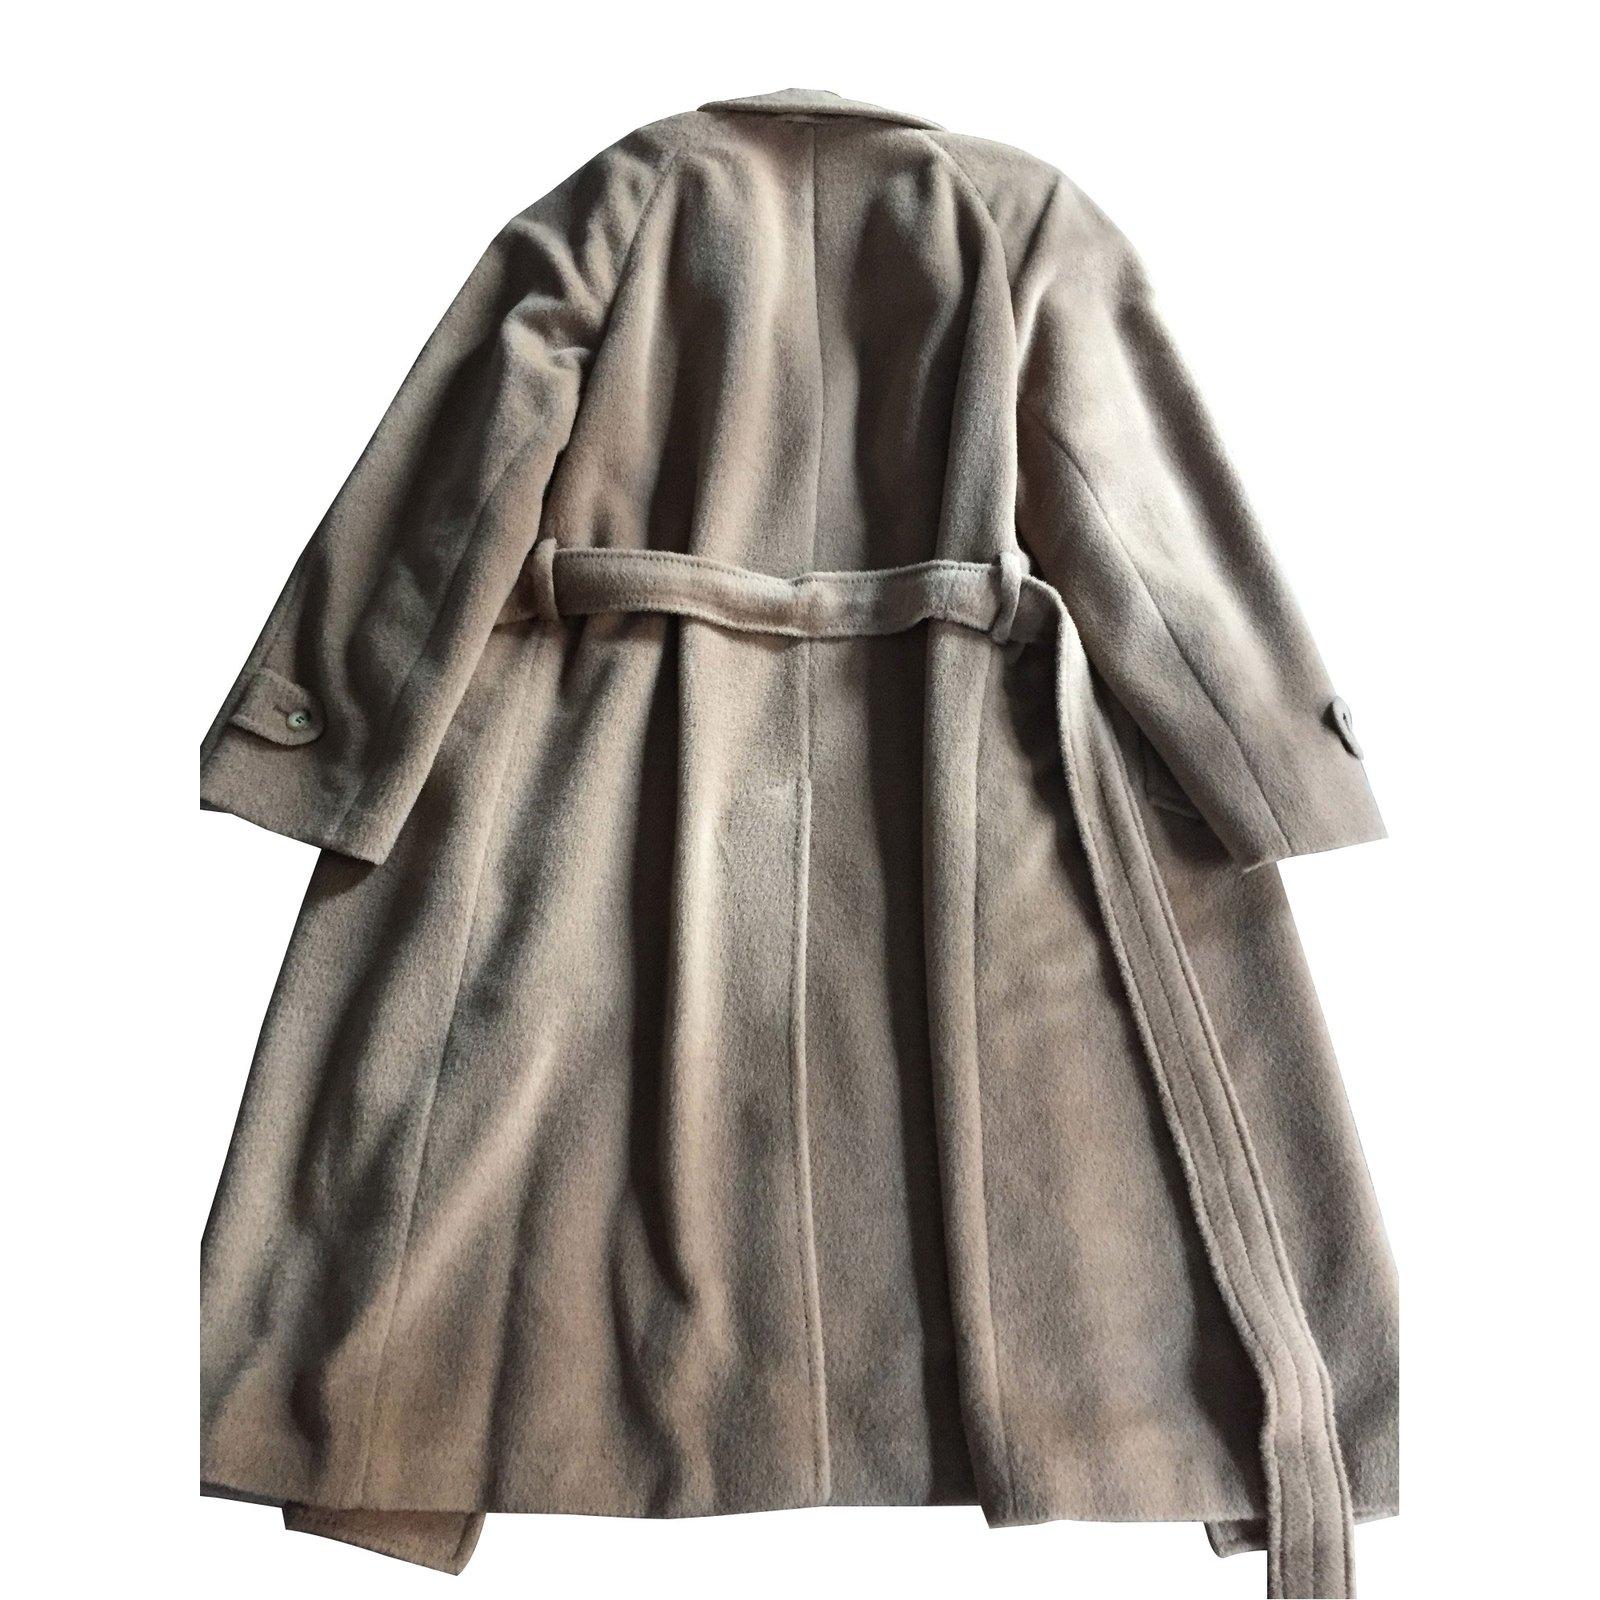 manteaux homme lanvin manteau camel en baby lama autre. Black Bedroom Furniture Sets. Home Design Ideas